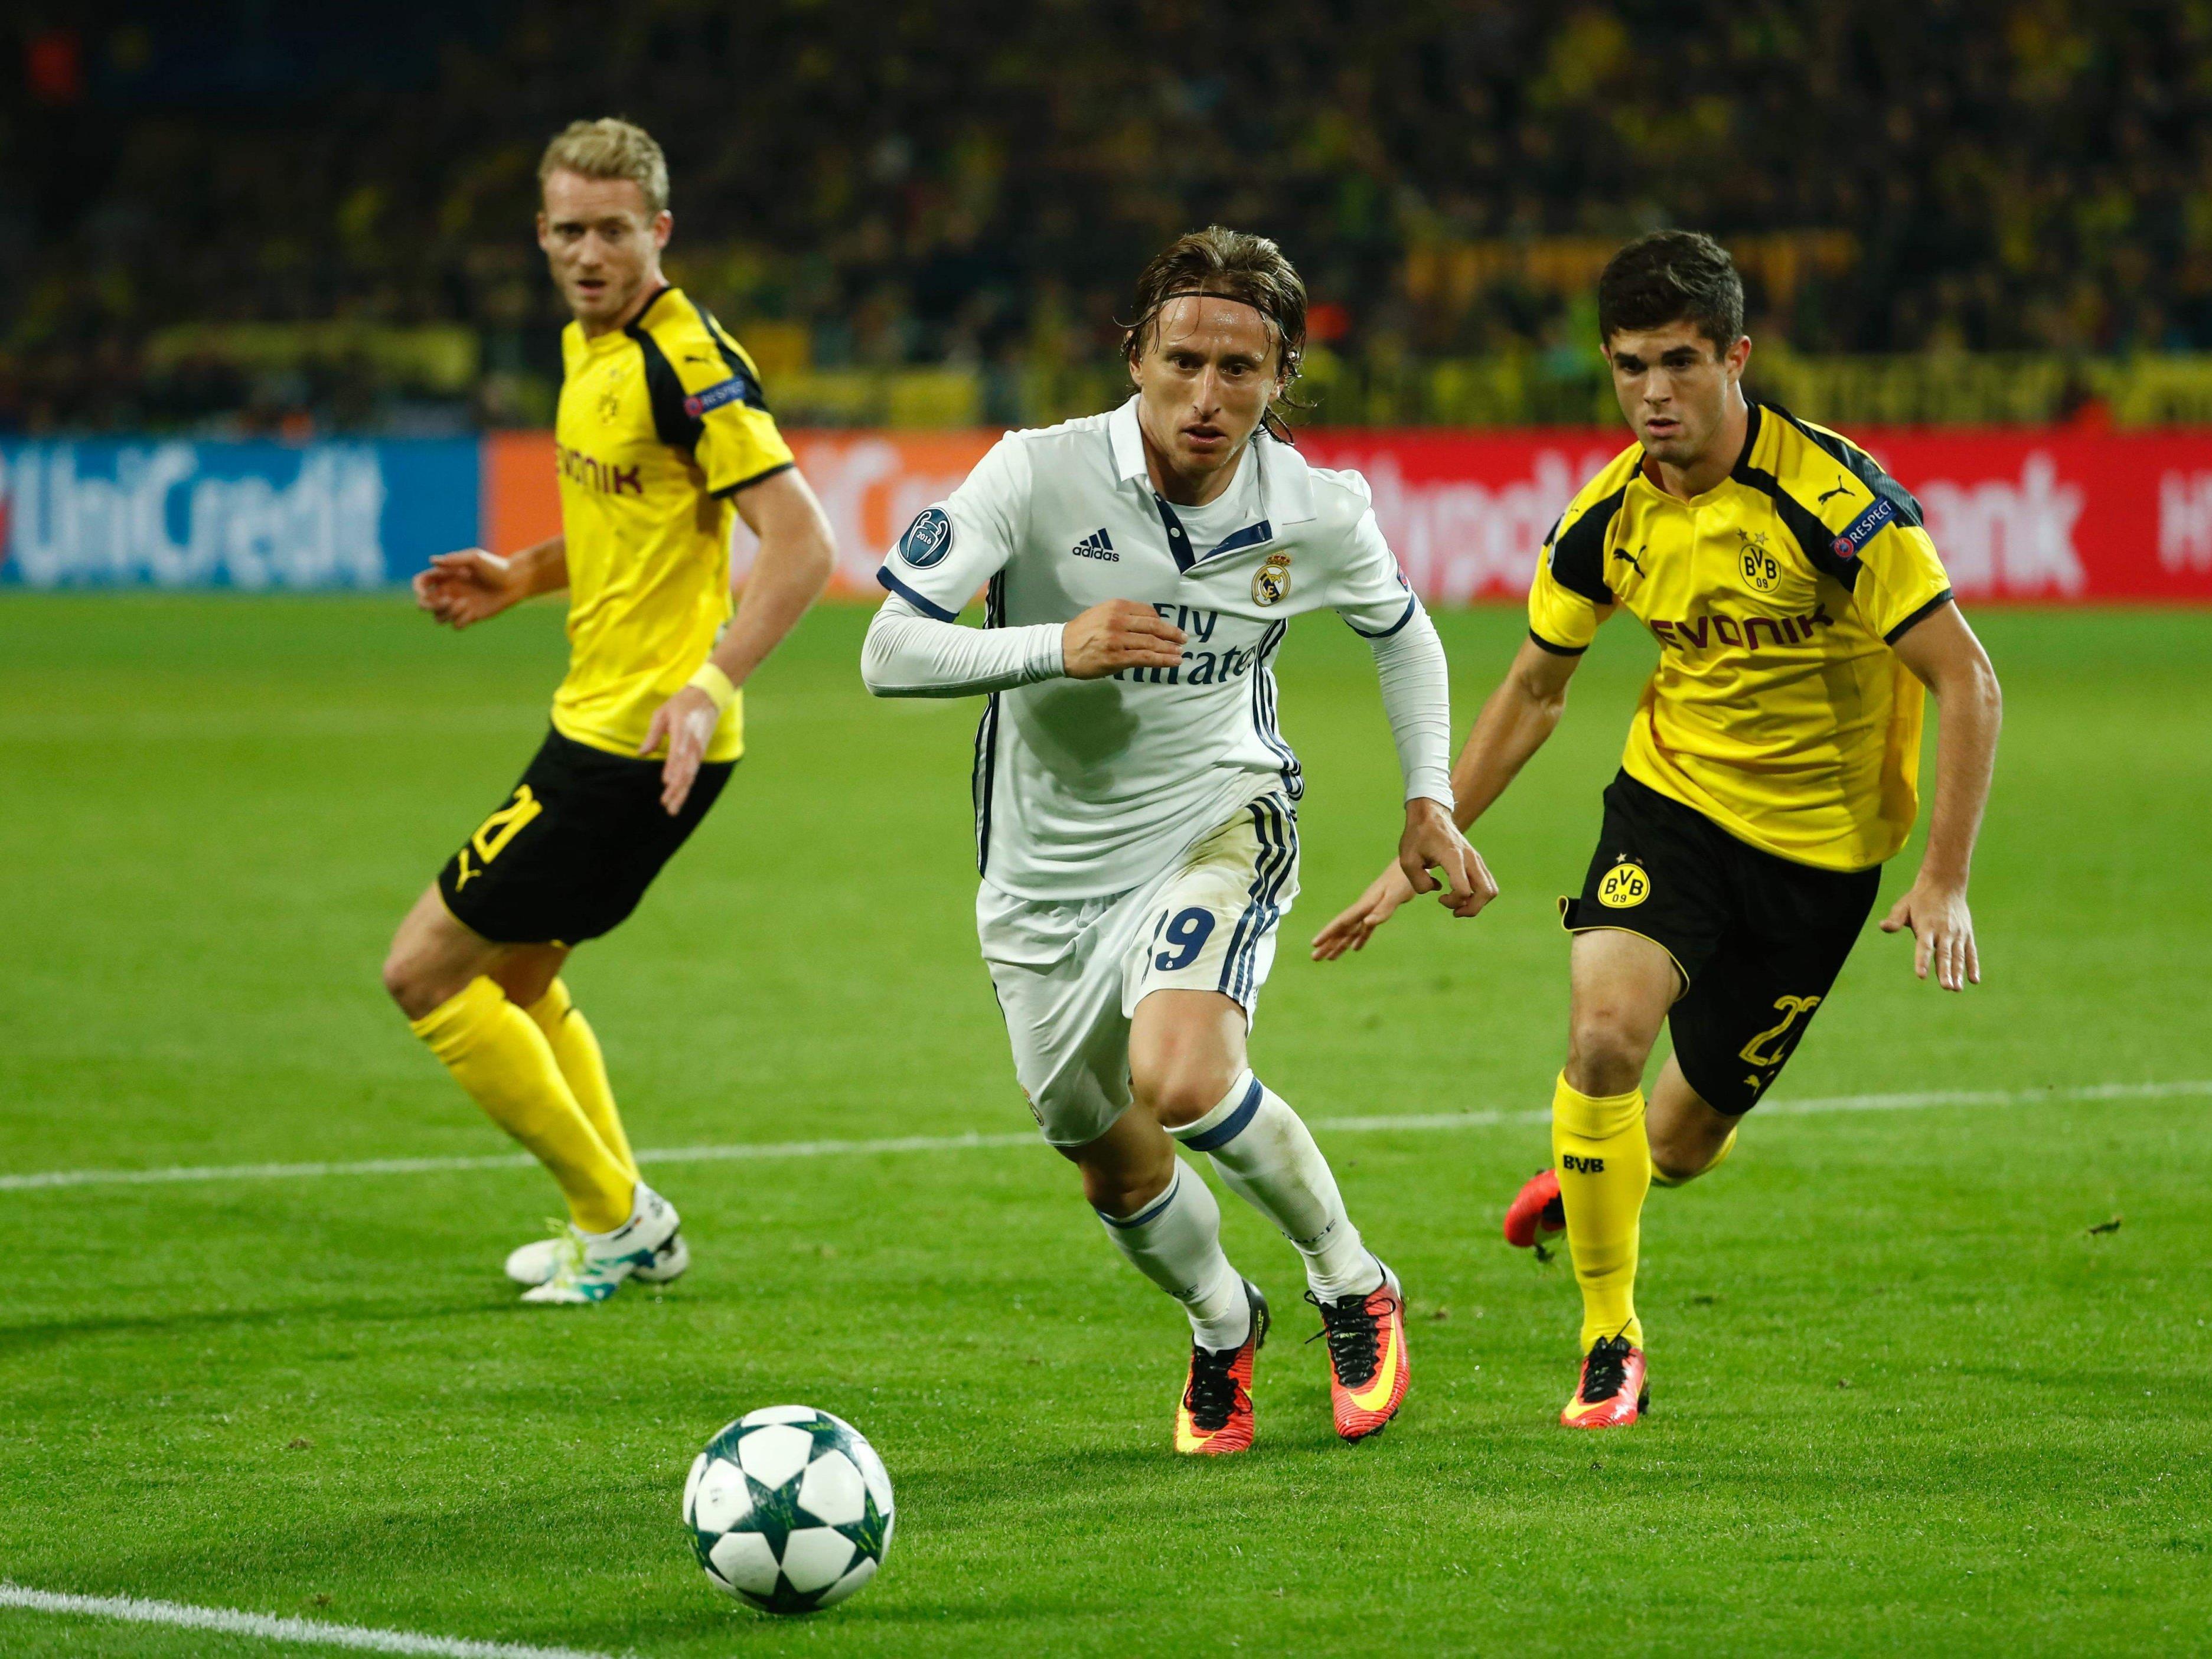 Real Madrid empfängt am letzten Spieltag der Gruppenphase Borussia Dortmund.